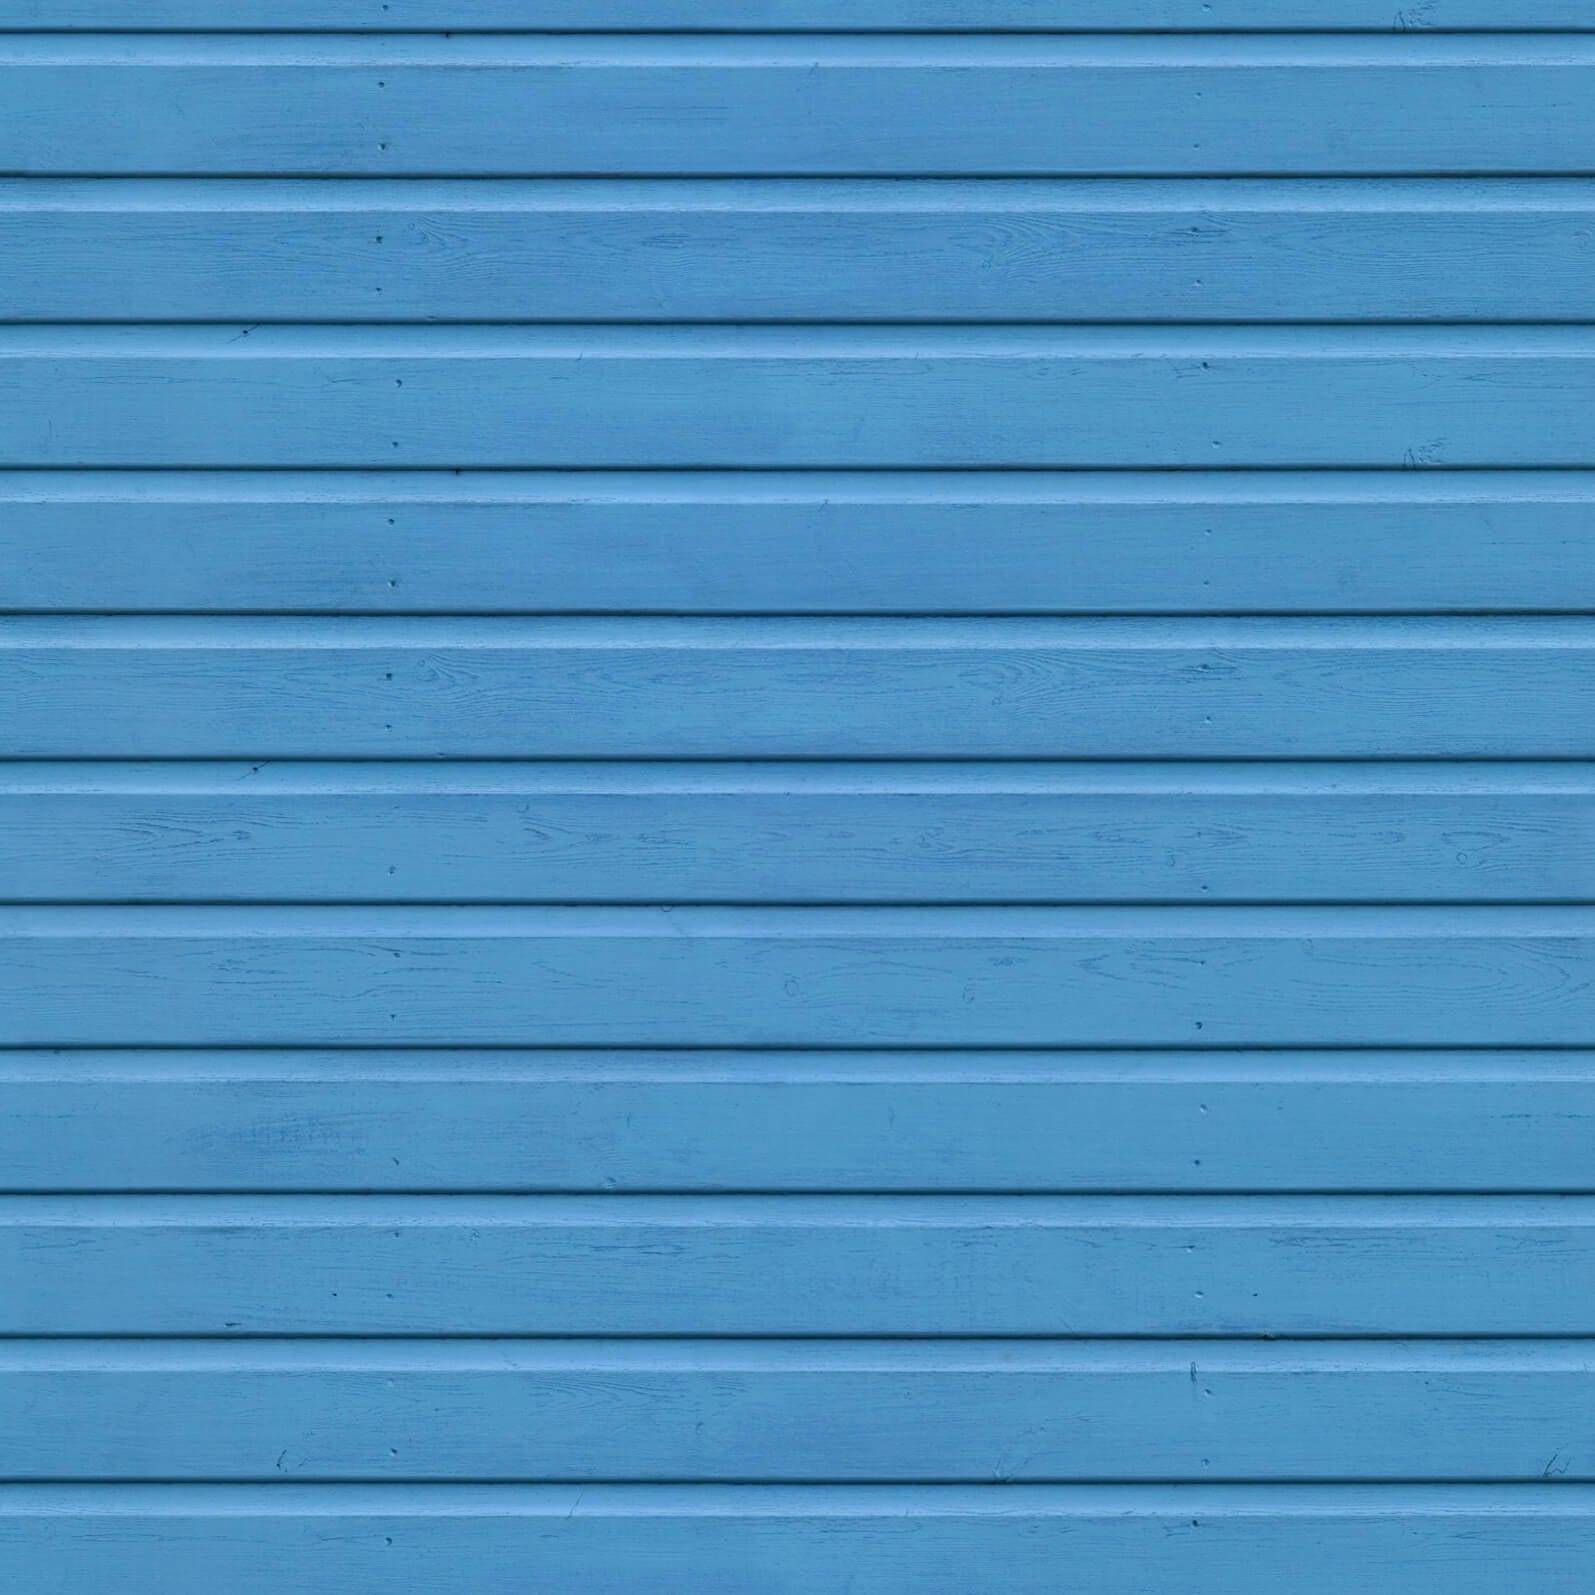 Tilingtextures Blog Archive Exterior Wood Paneling Seamless Texture